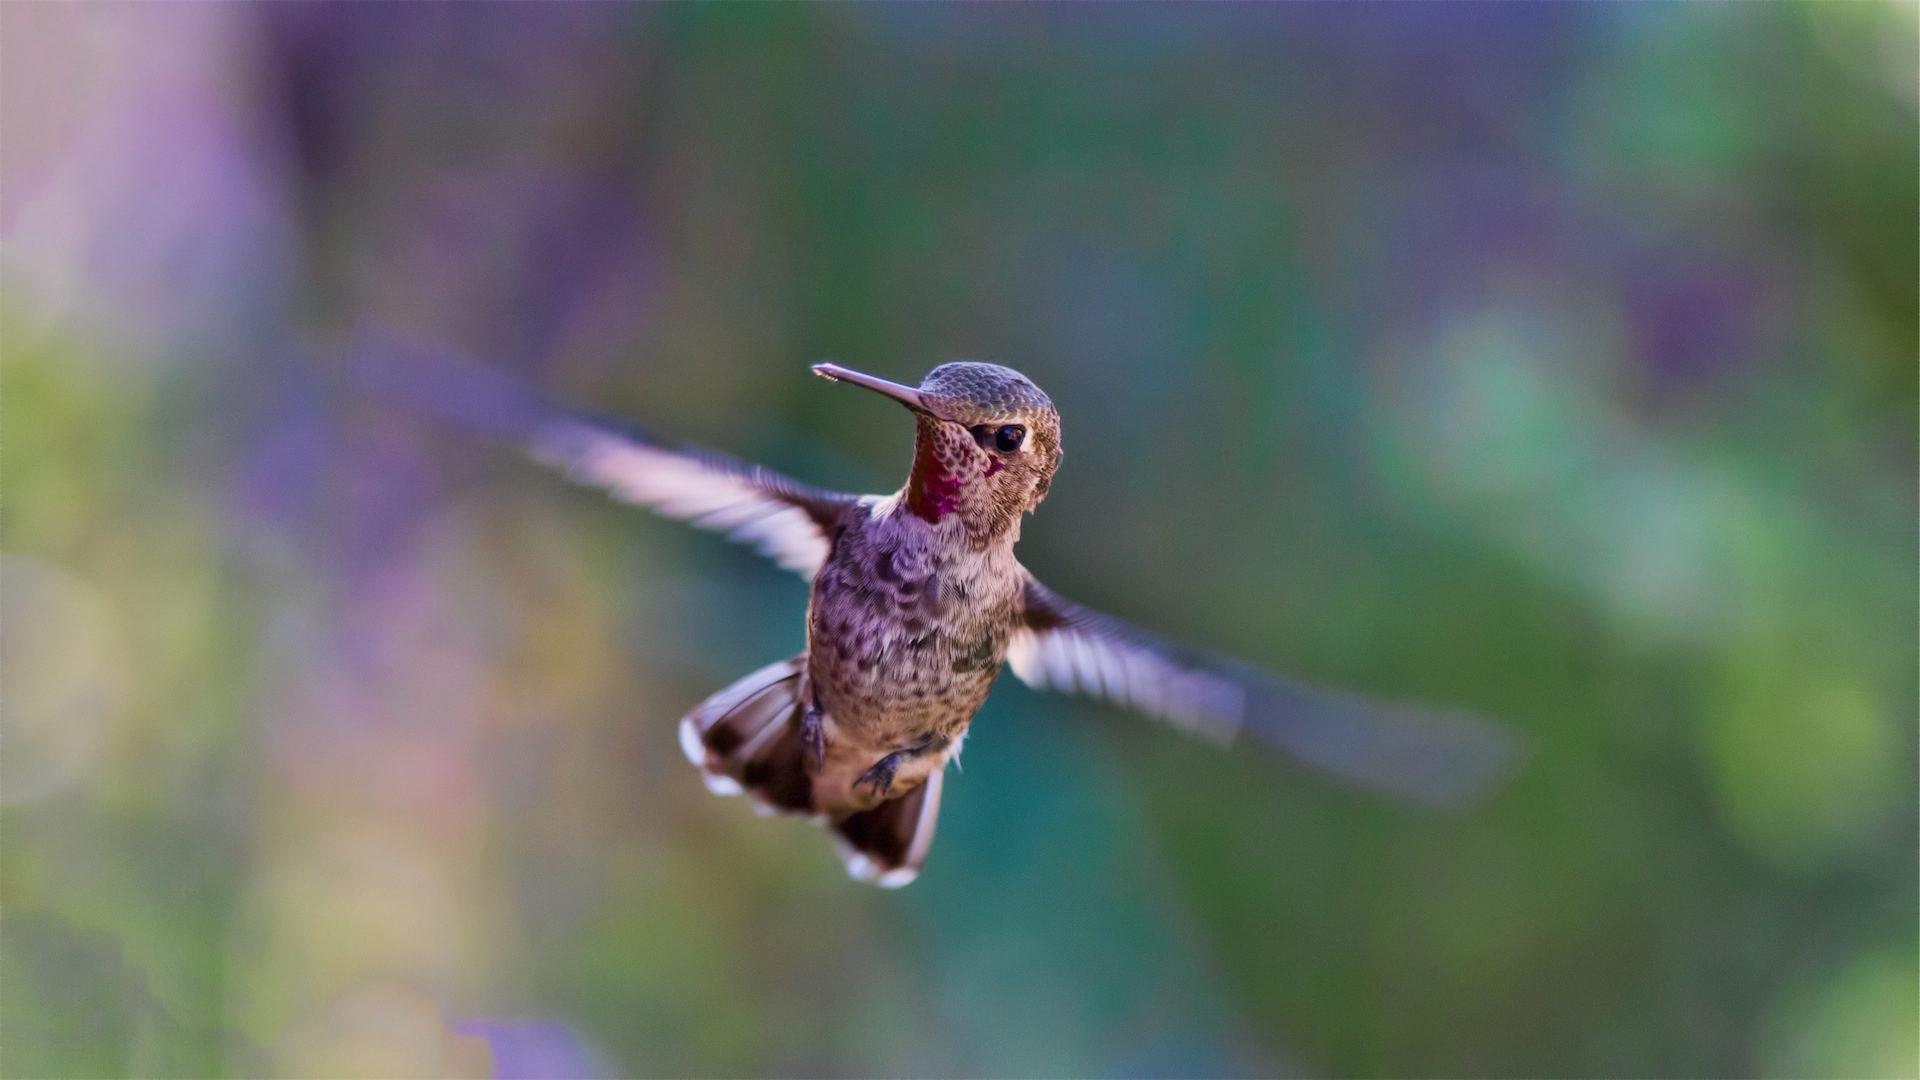 ハチドリ, 翼, 鳥, 飛ぶ, finning 鮫 - HD の壁紙 - 教授-falken.com